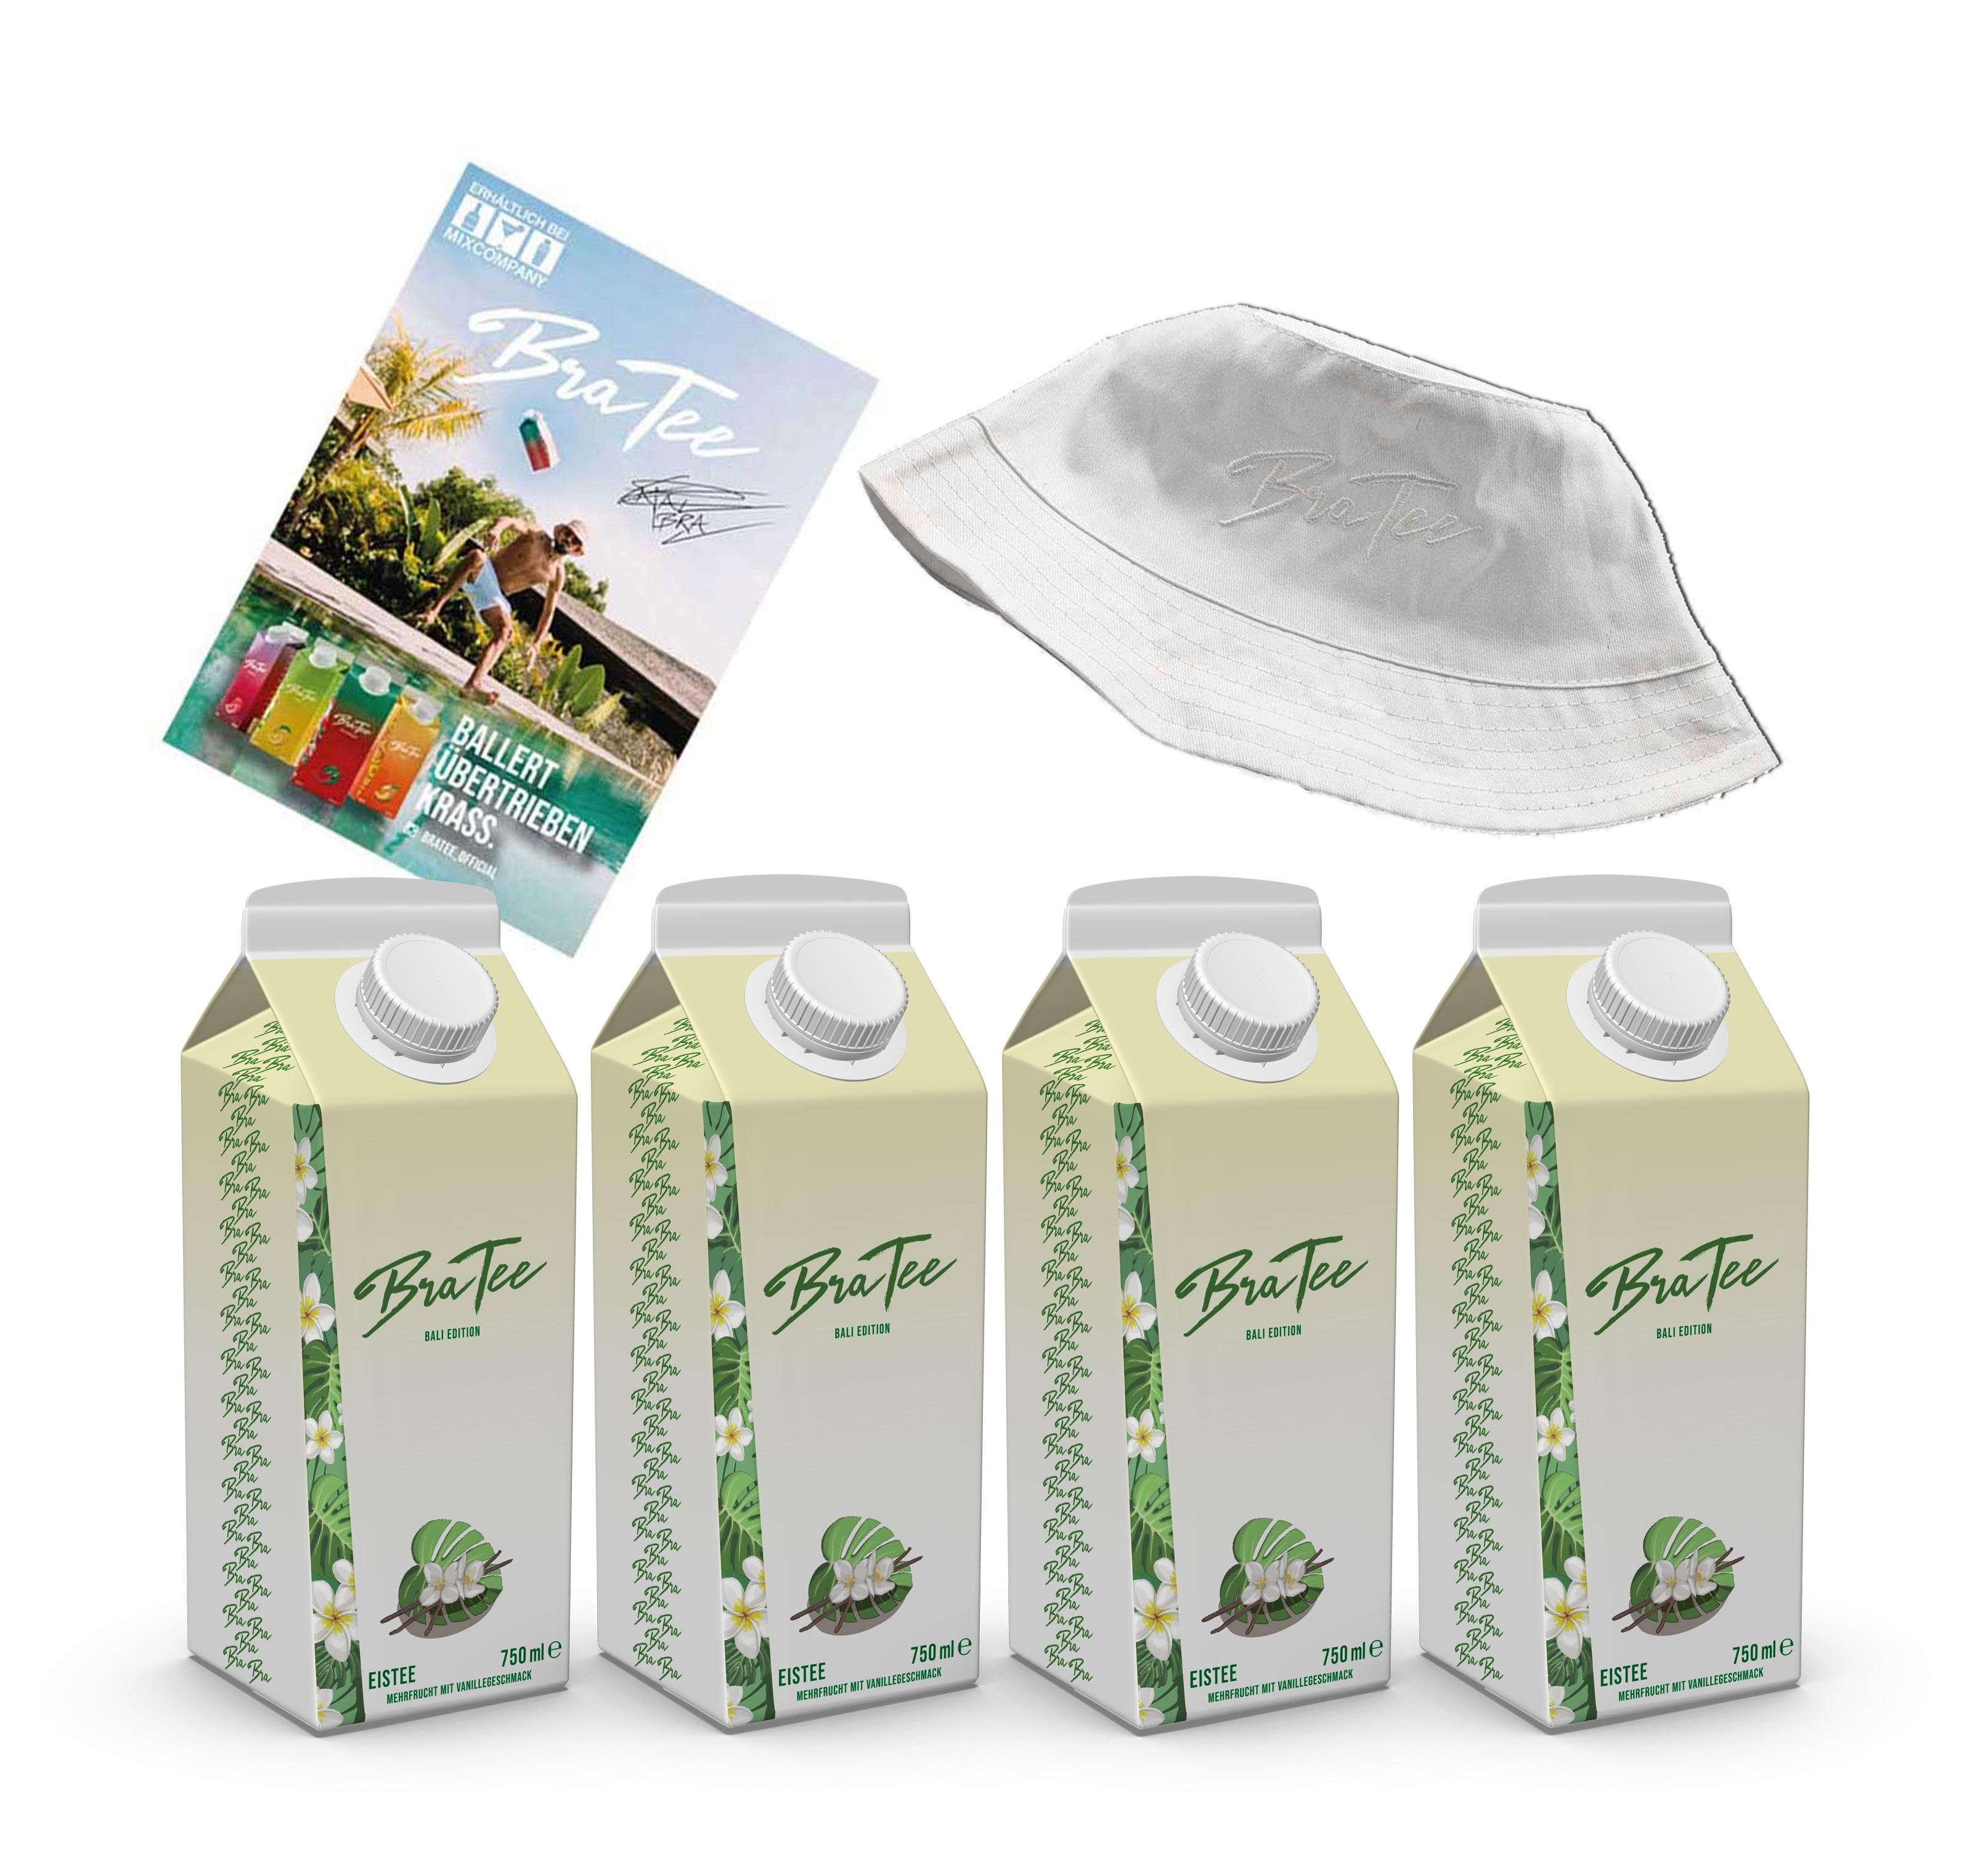 Capital BraTee Bali Edition 4er Set Special Eistee je 750ml + Autogrammkarte und Hut BRATEE Limited Edition Ice tea Mehrfrucht mit Vanillegeschmack mit Capi-Qualitäts-Siegel - Du weisst Bescheid